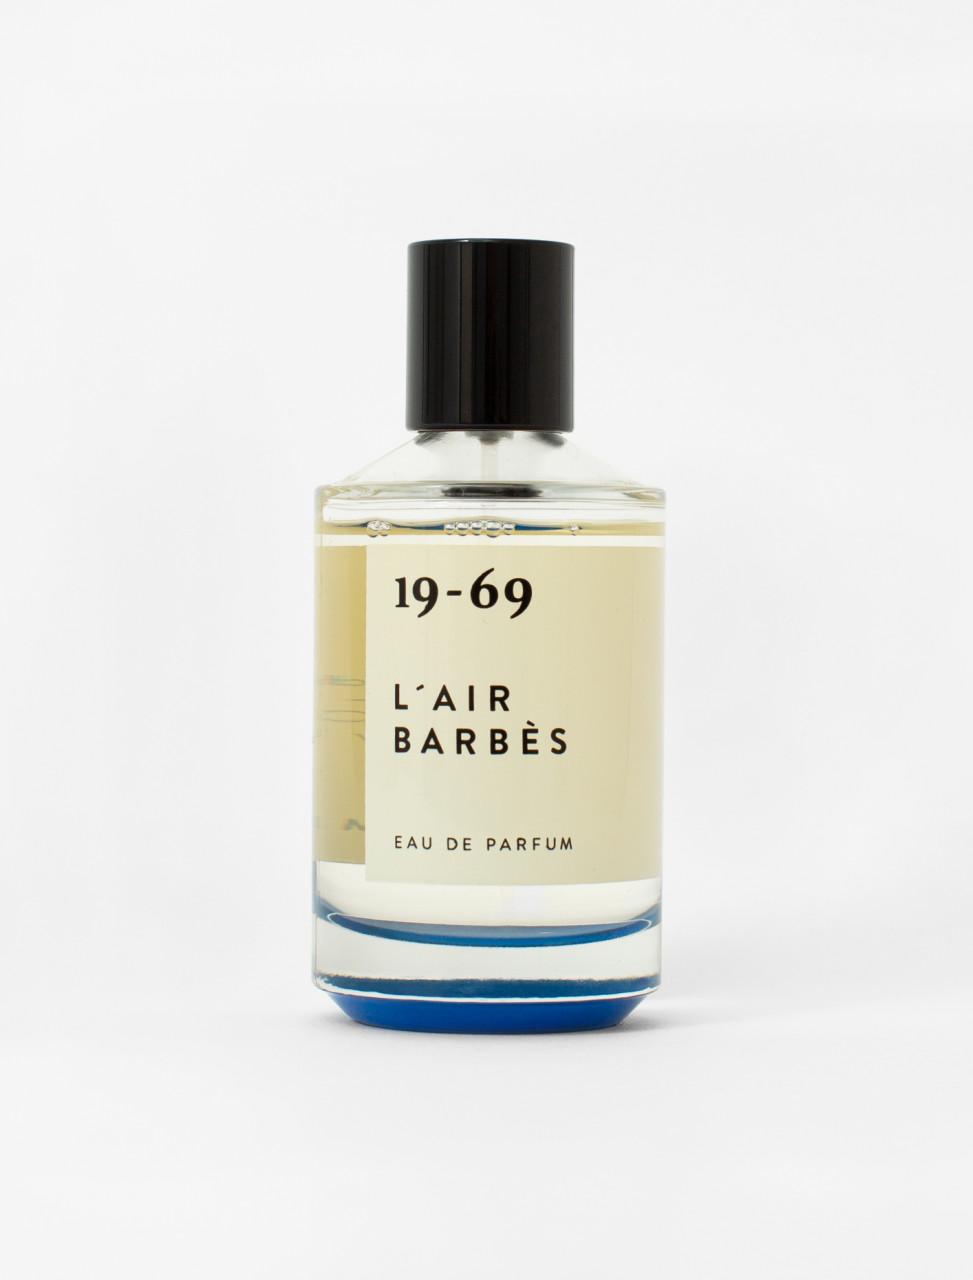 LÀIR BARBÈS Eau de Parfum 100 ml